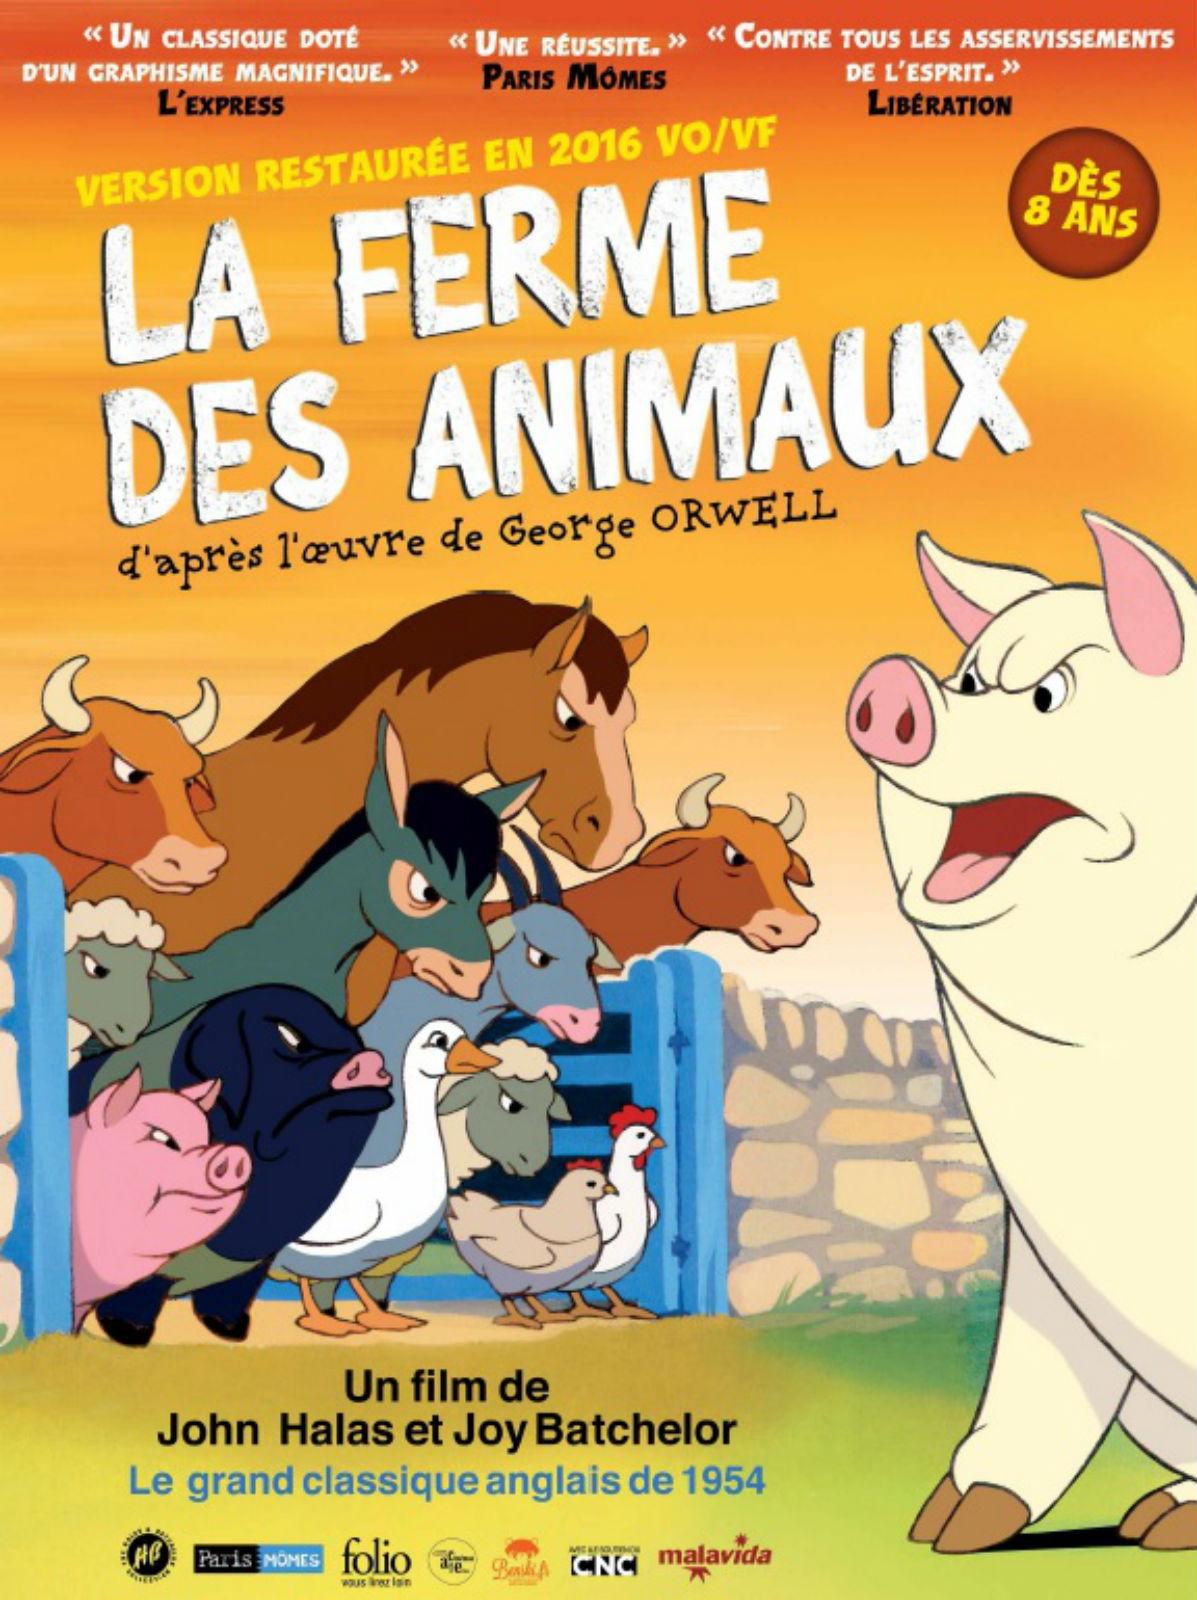 Personnage La Ferme Des Animaux : personnage, ferme, animaux, Anecdotes, Ferme, Animaux, AlloCiné